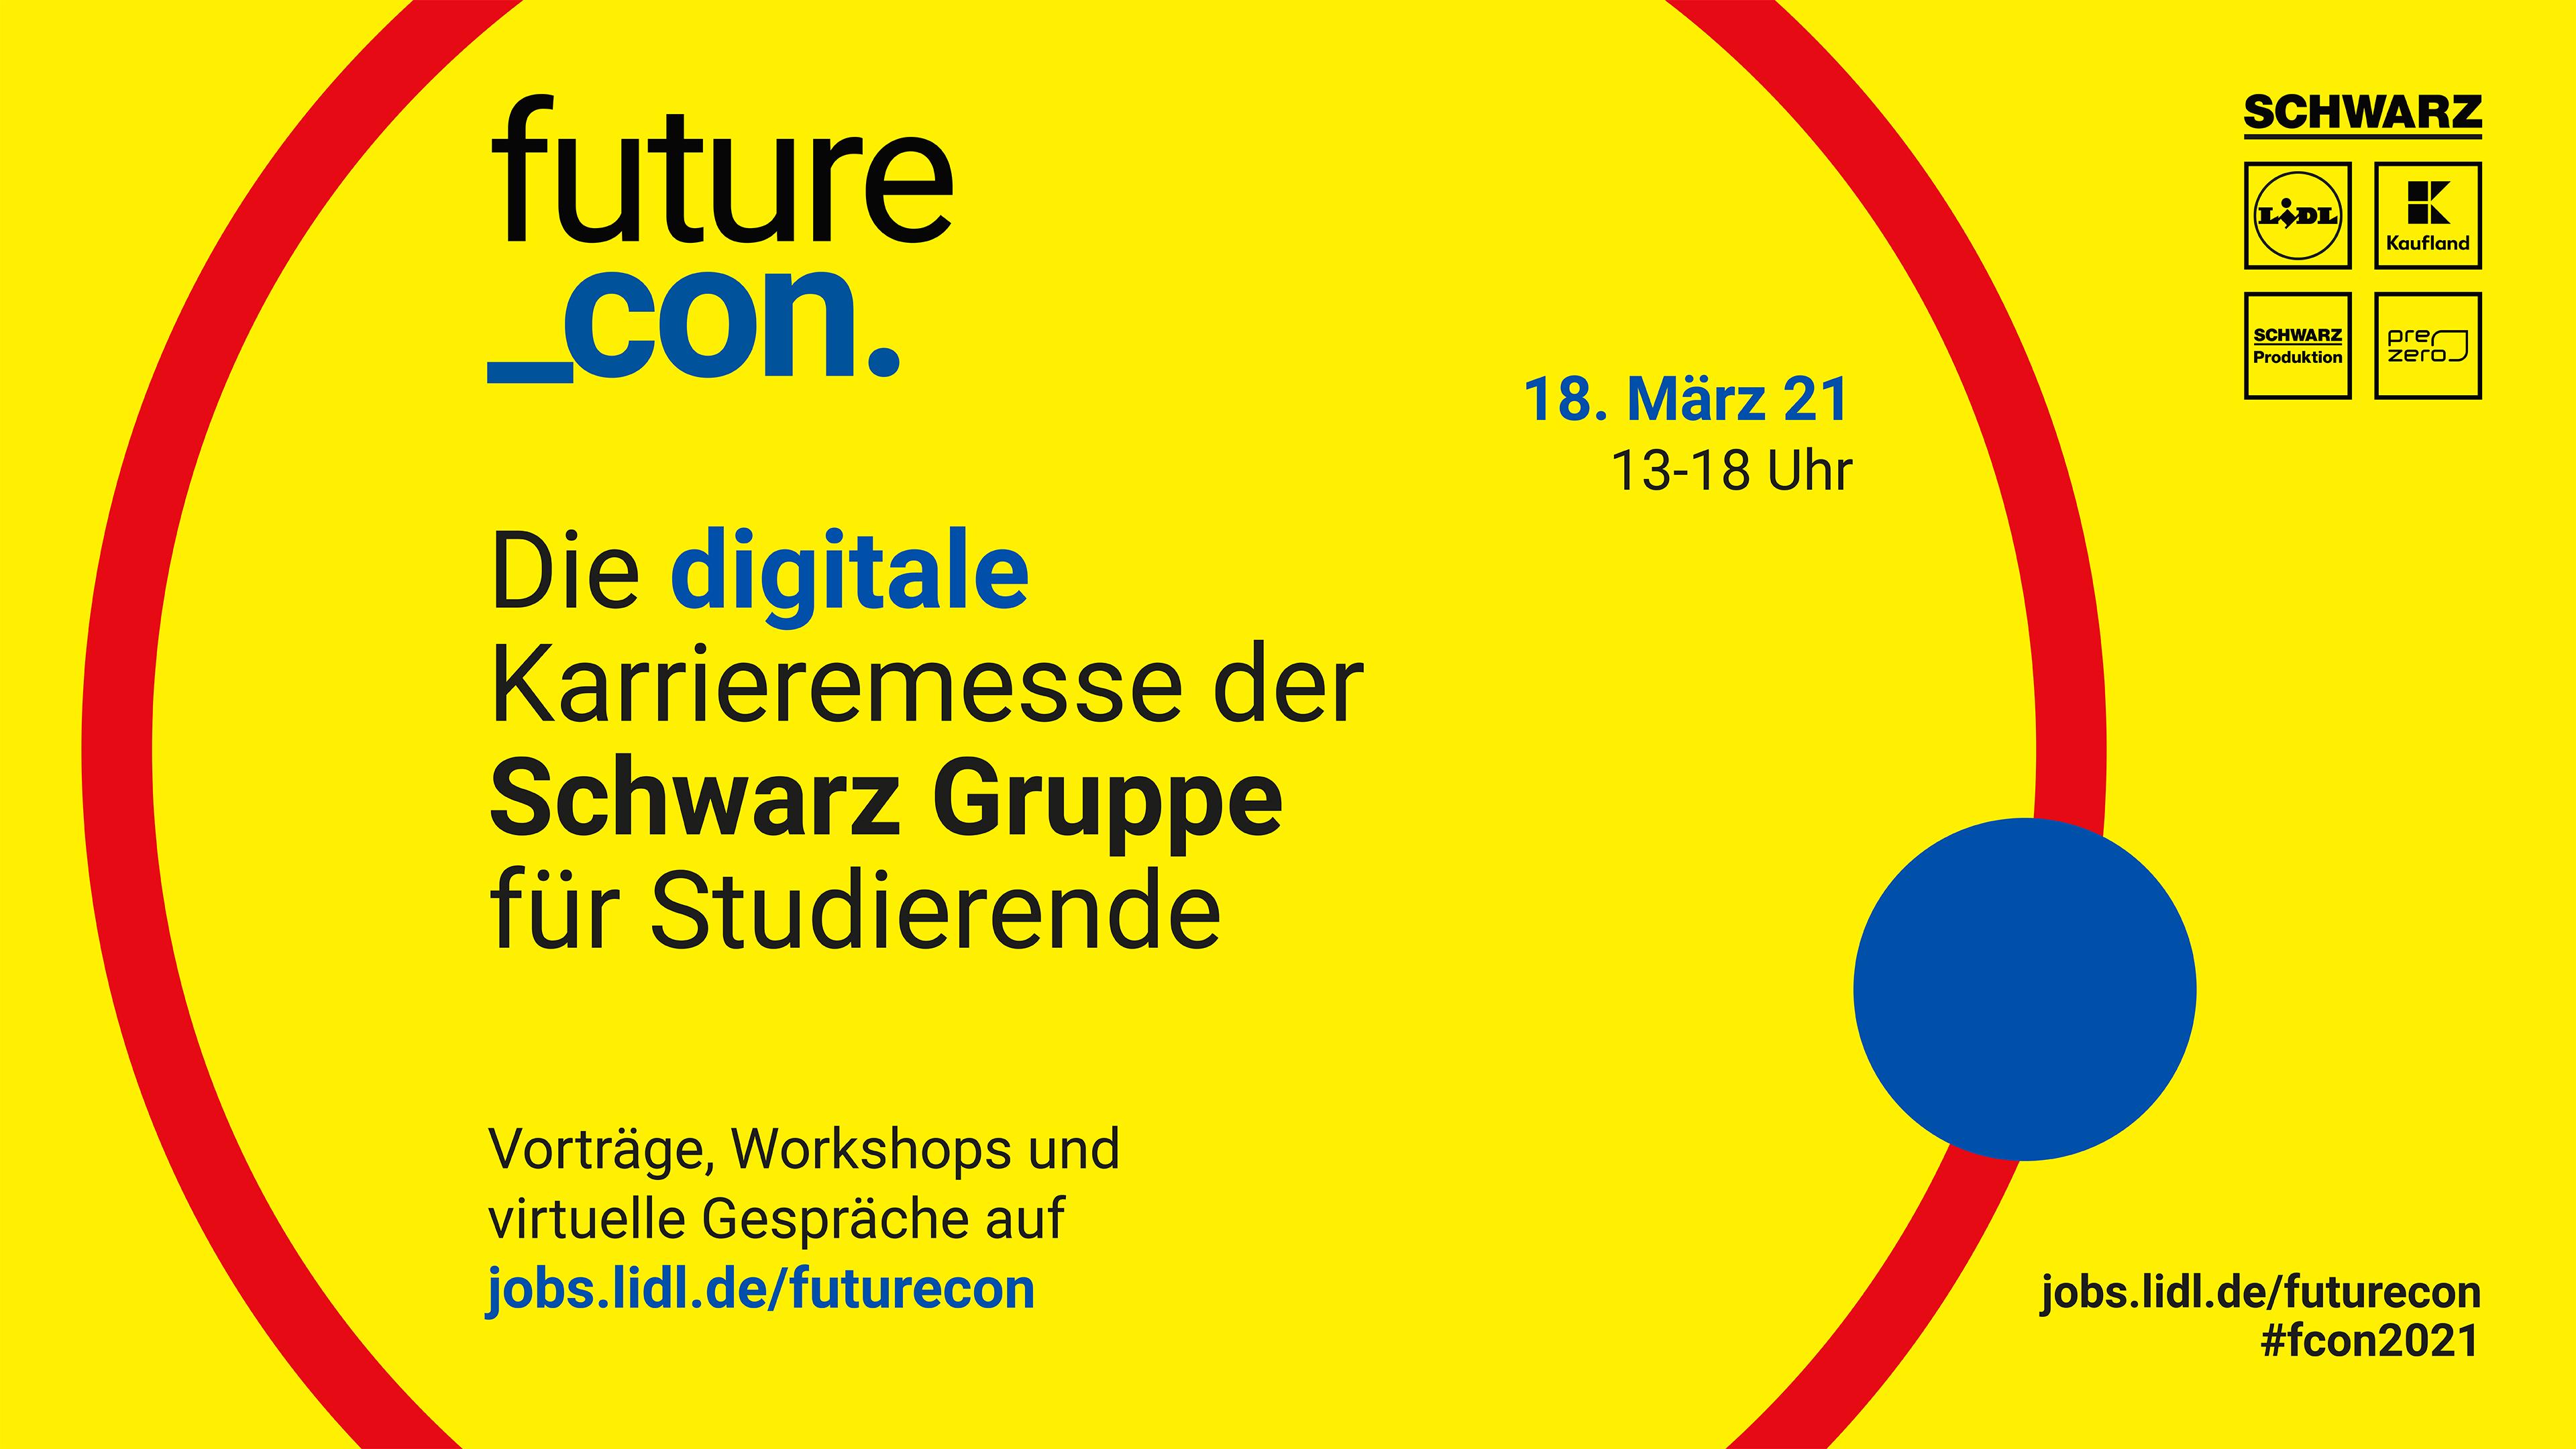 Onlinemesse für Studierende futurecon